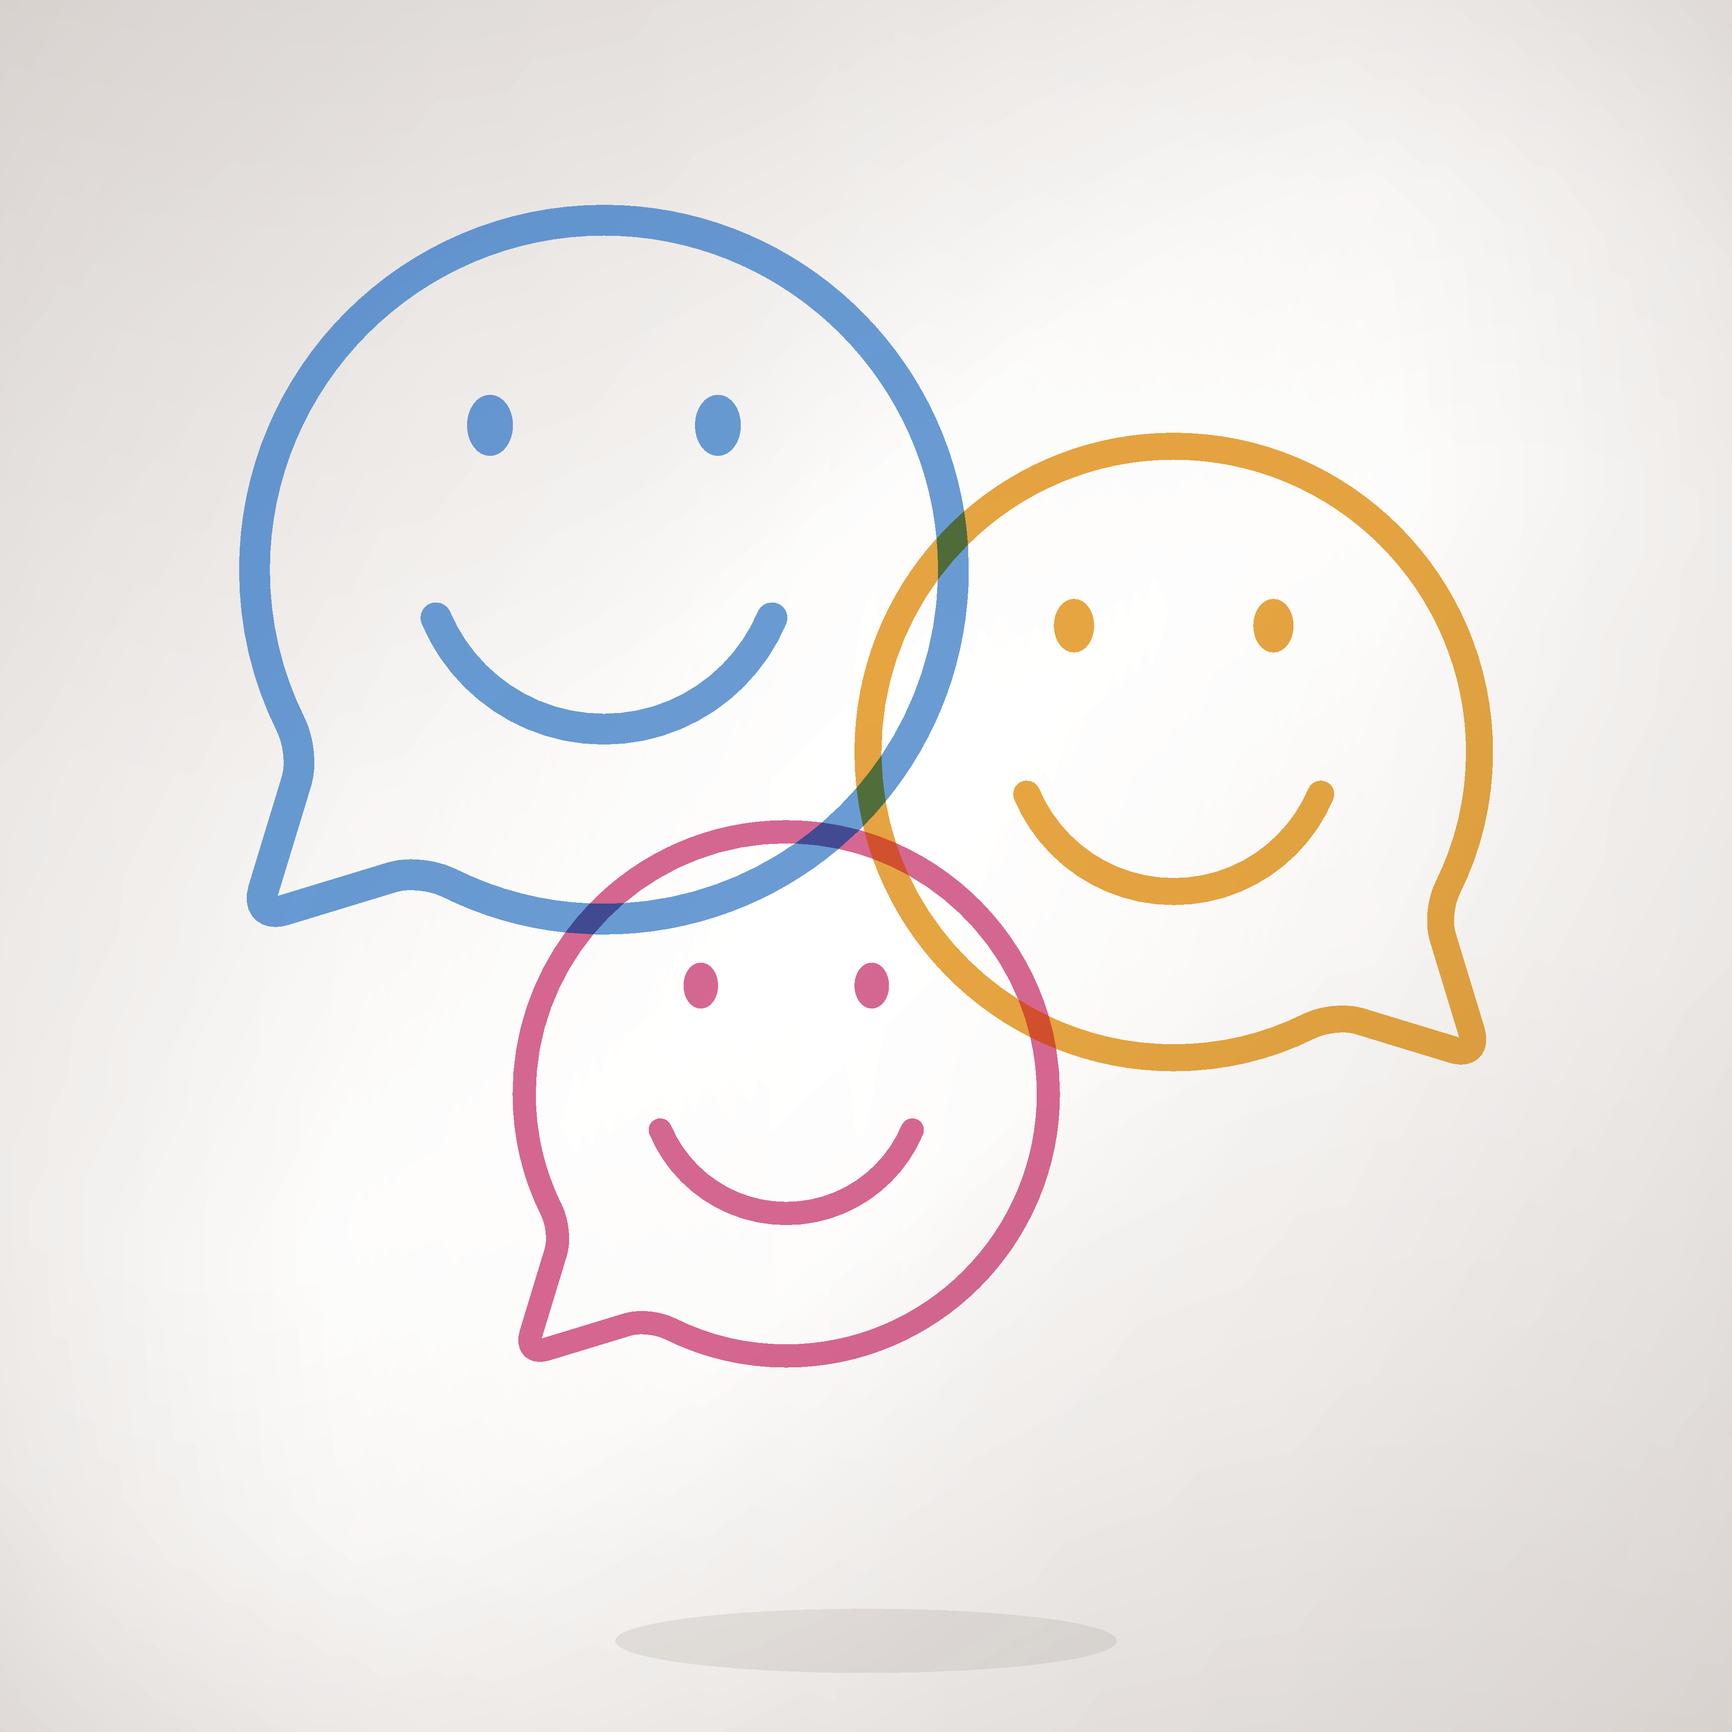 Speech bubble emojis